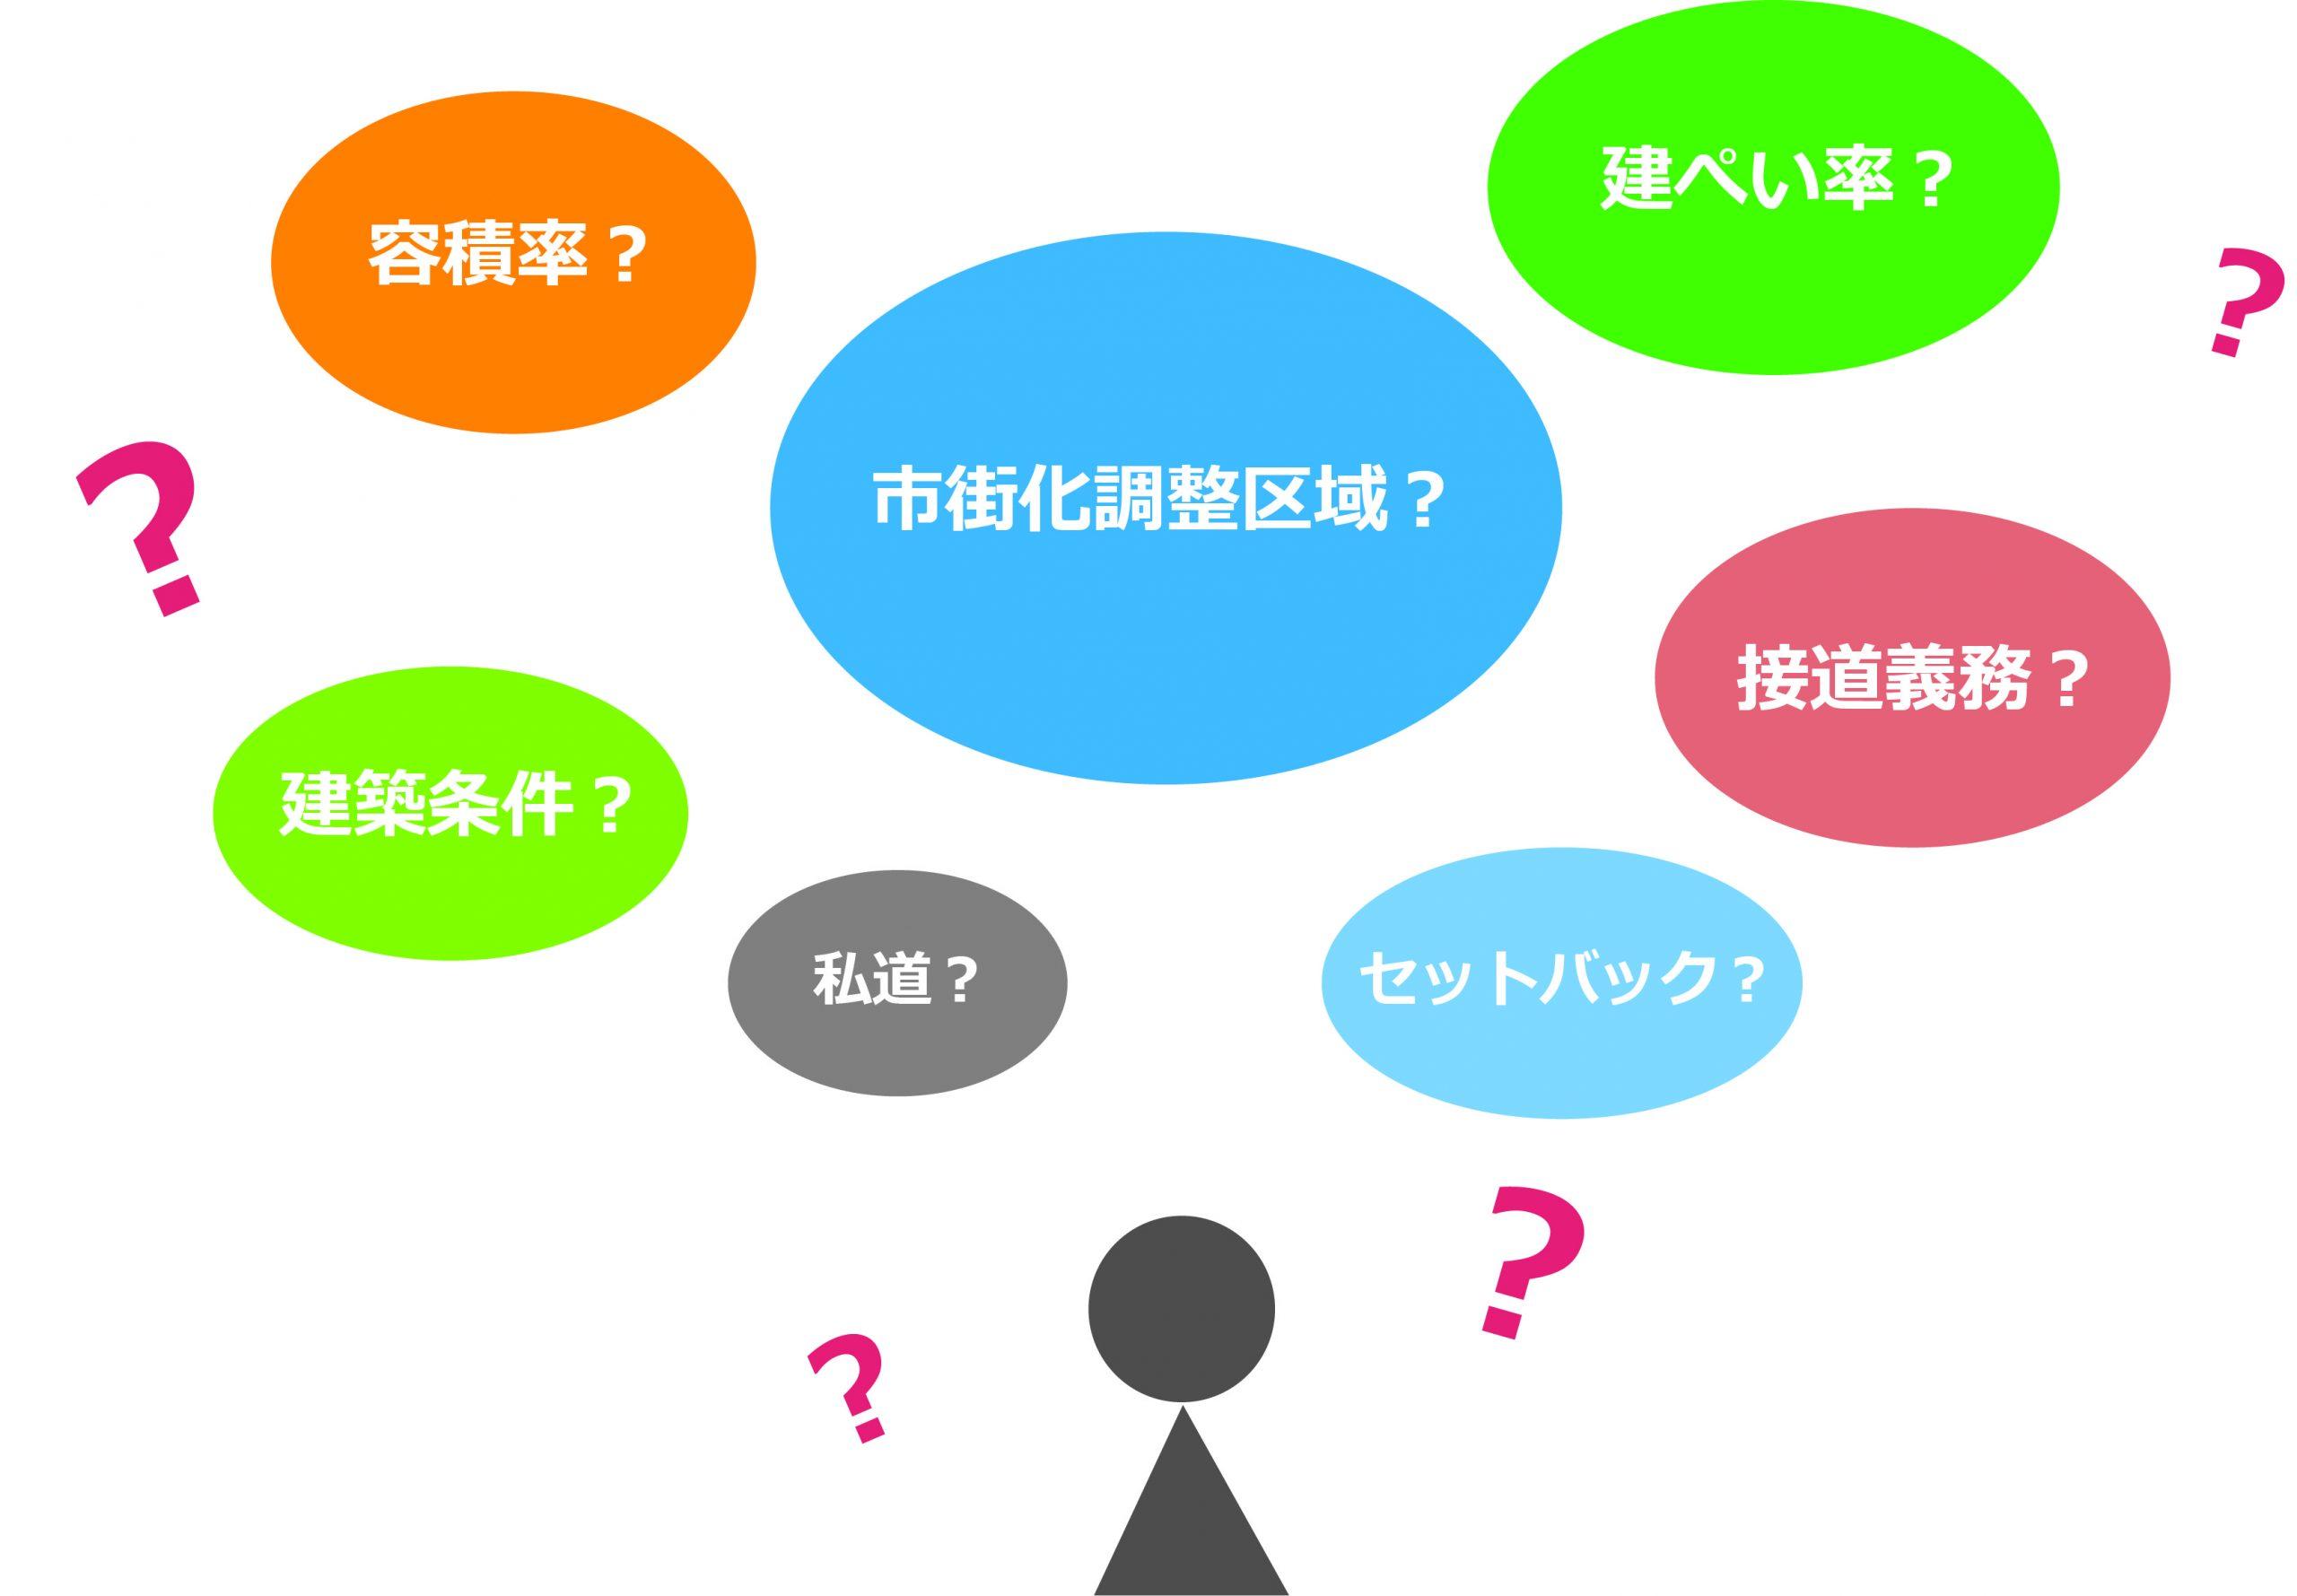 売土地の広告のチェックポイント|不動産コラム|大分不動産情報サービス【OSUMU】